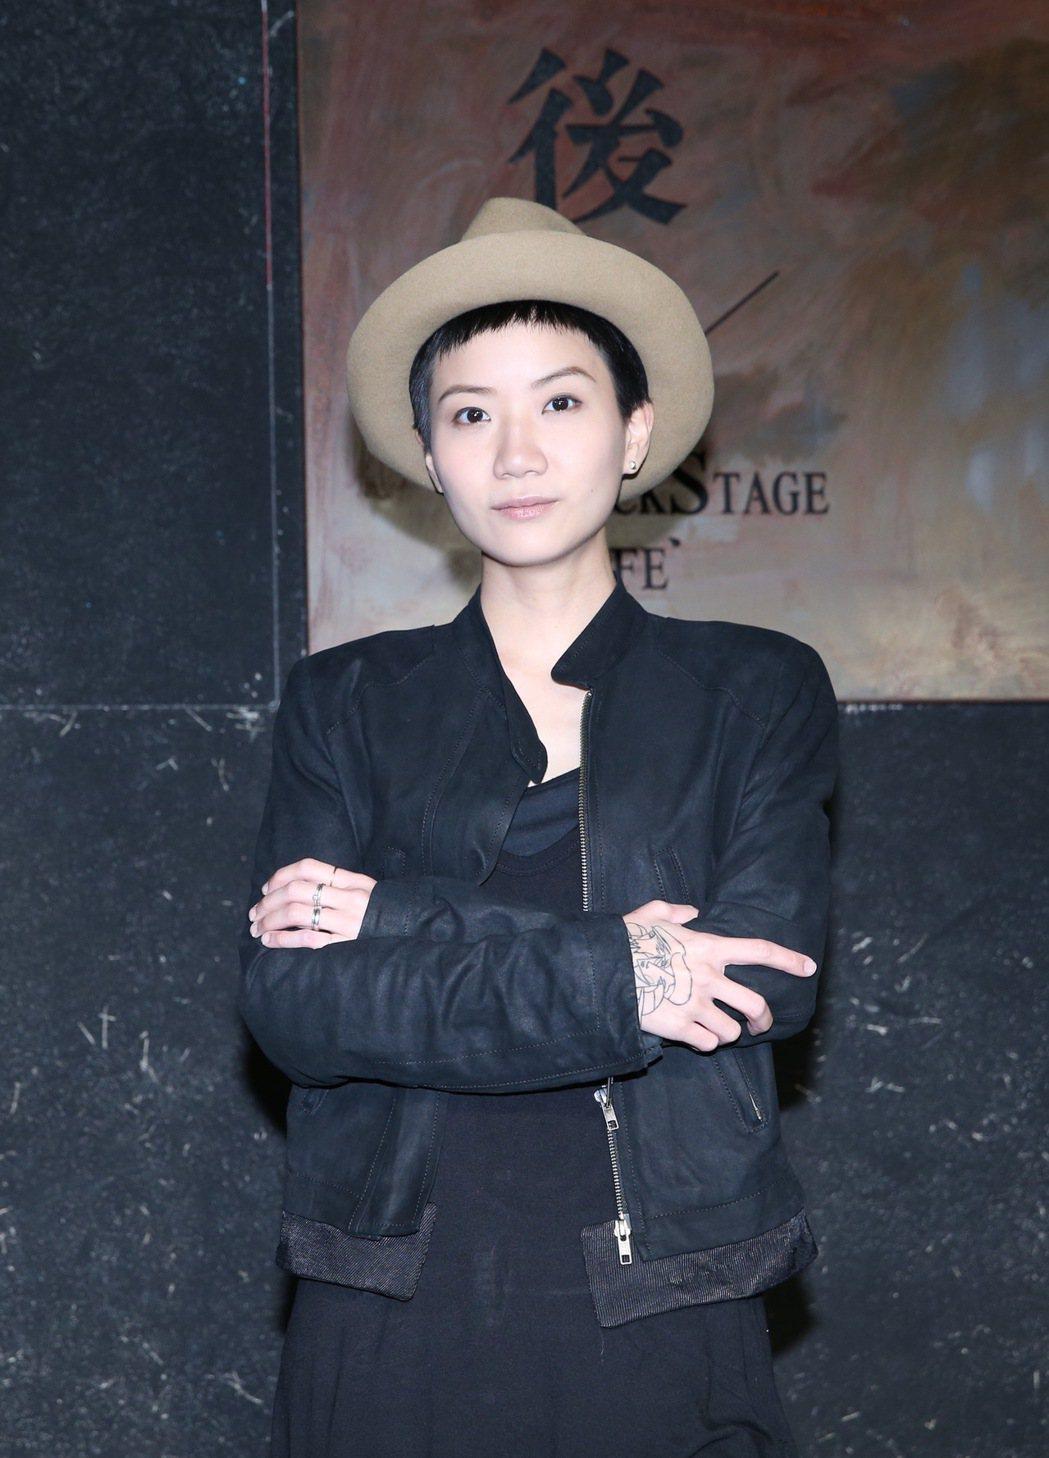 香港歌手盧凱彤 16日在台大體育館後台咖啡舉行mini live in Taip...